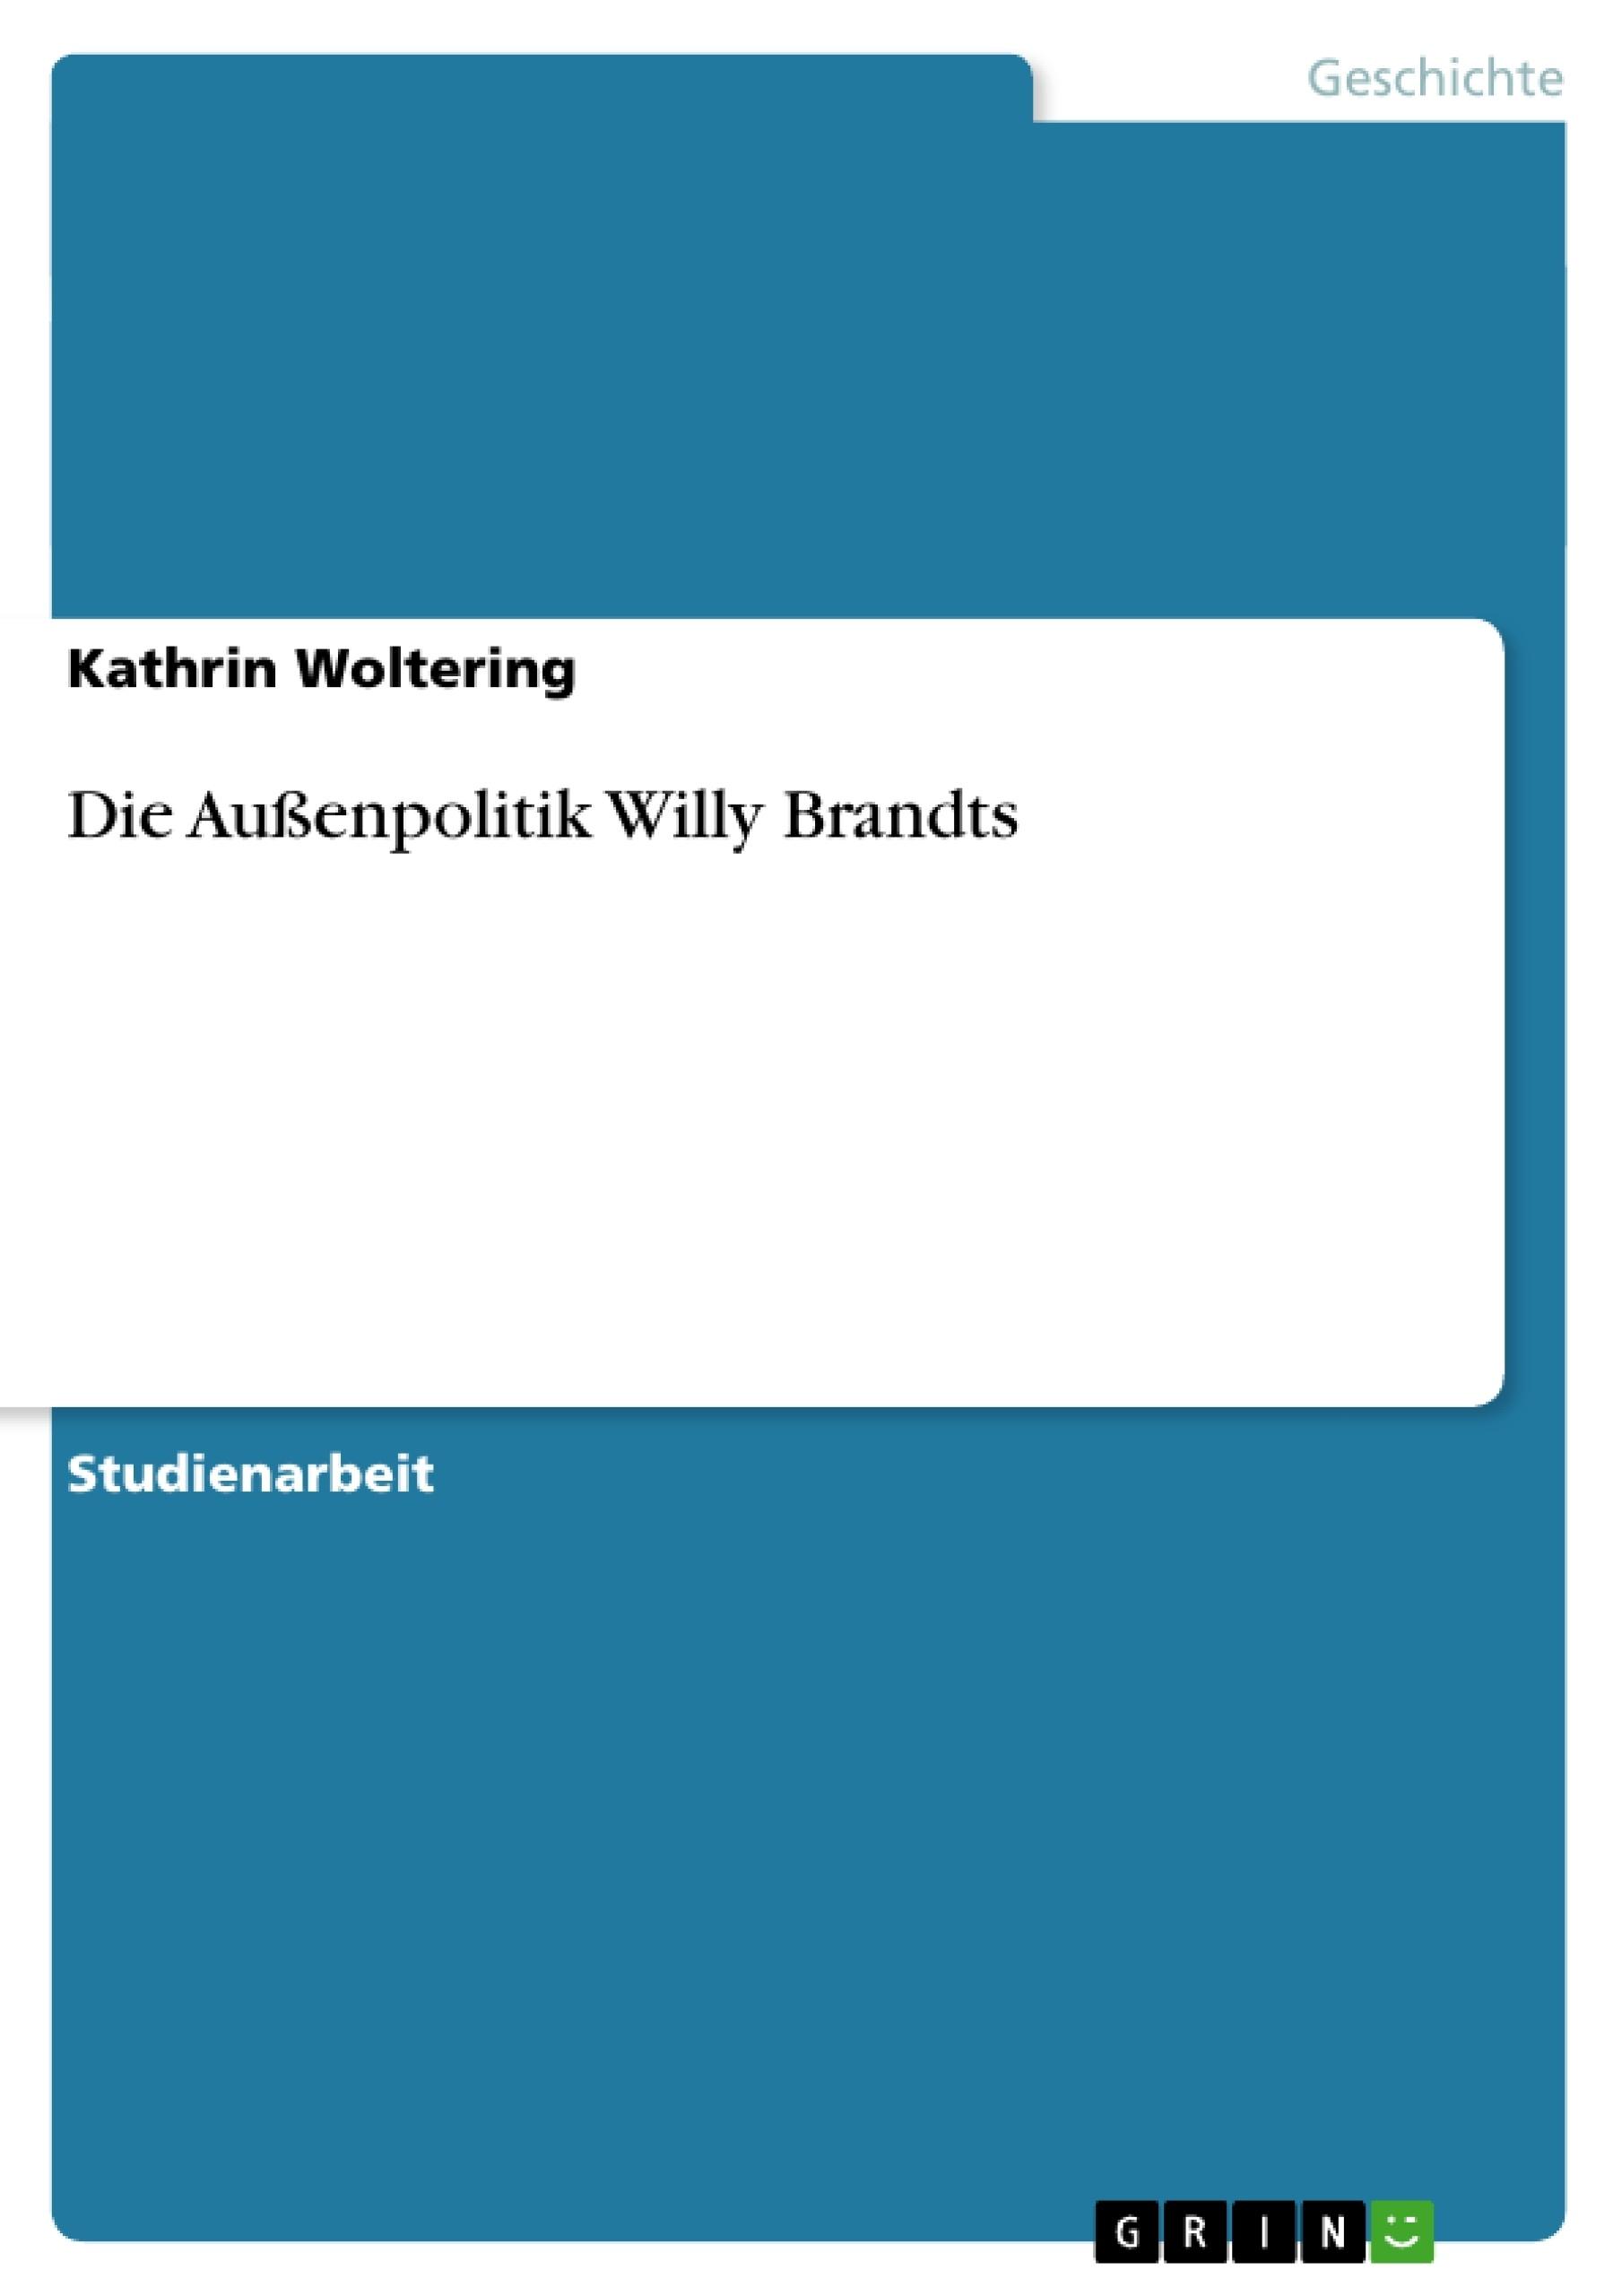 Titel: Die Außenpolitik Willy Brandts